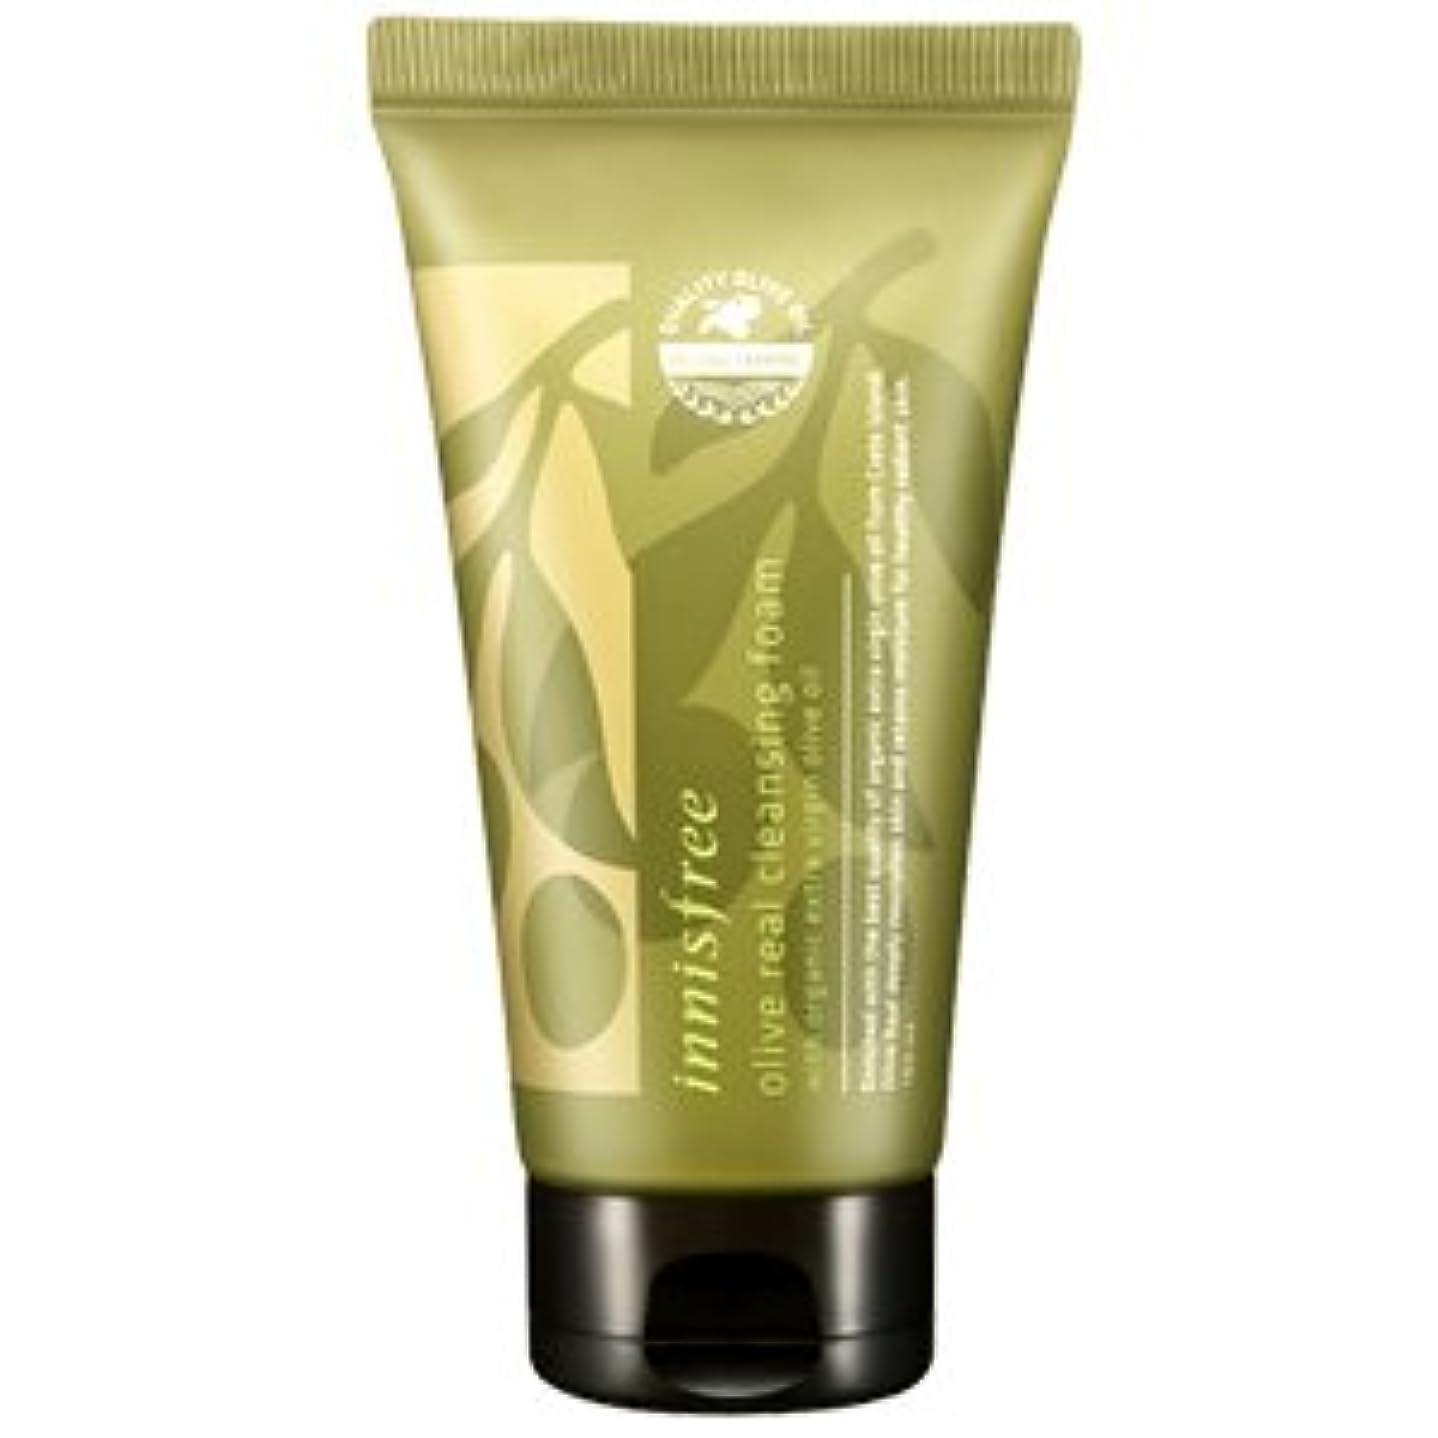 自然刺繍魅力的であることへのアピールinnisfree(イニスフリー) Olive real cleansing foam AD オリーブ リアル クレンジング フォーム 150ml